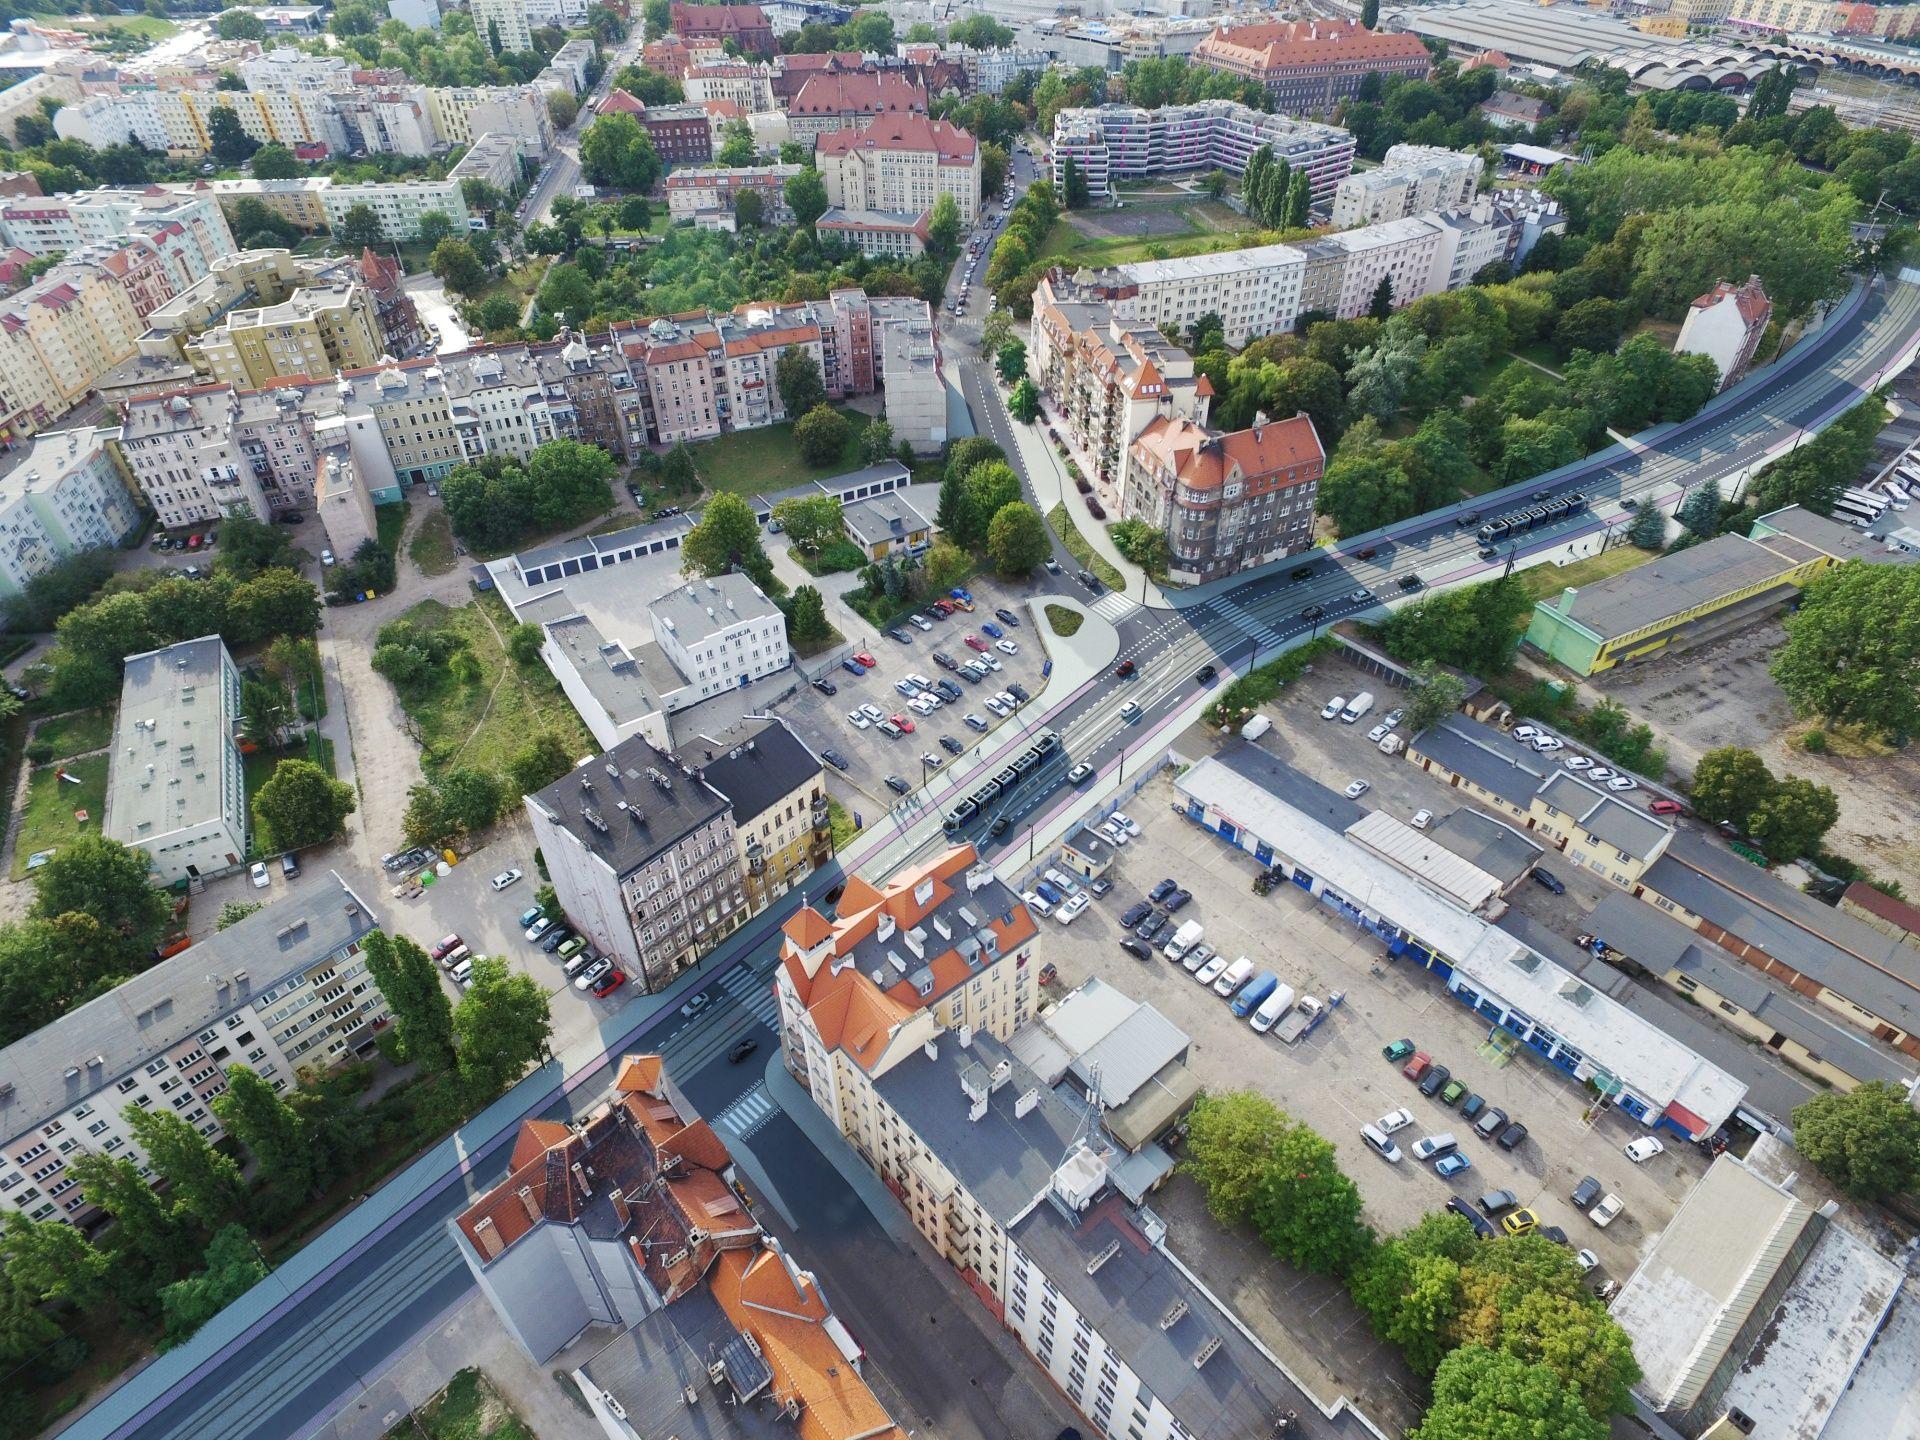 [Wrocław] Znów unieważnią przetarg na przebudowę Dyrekcyjnej?